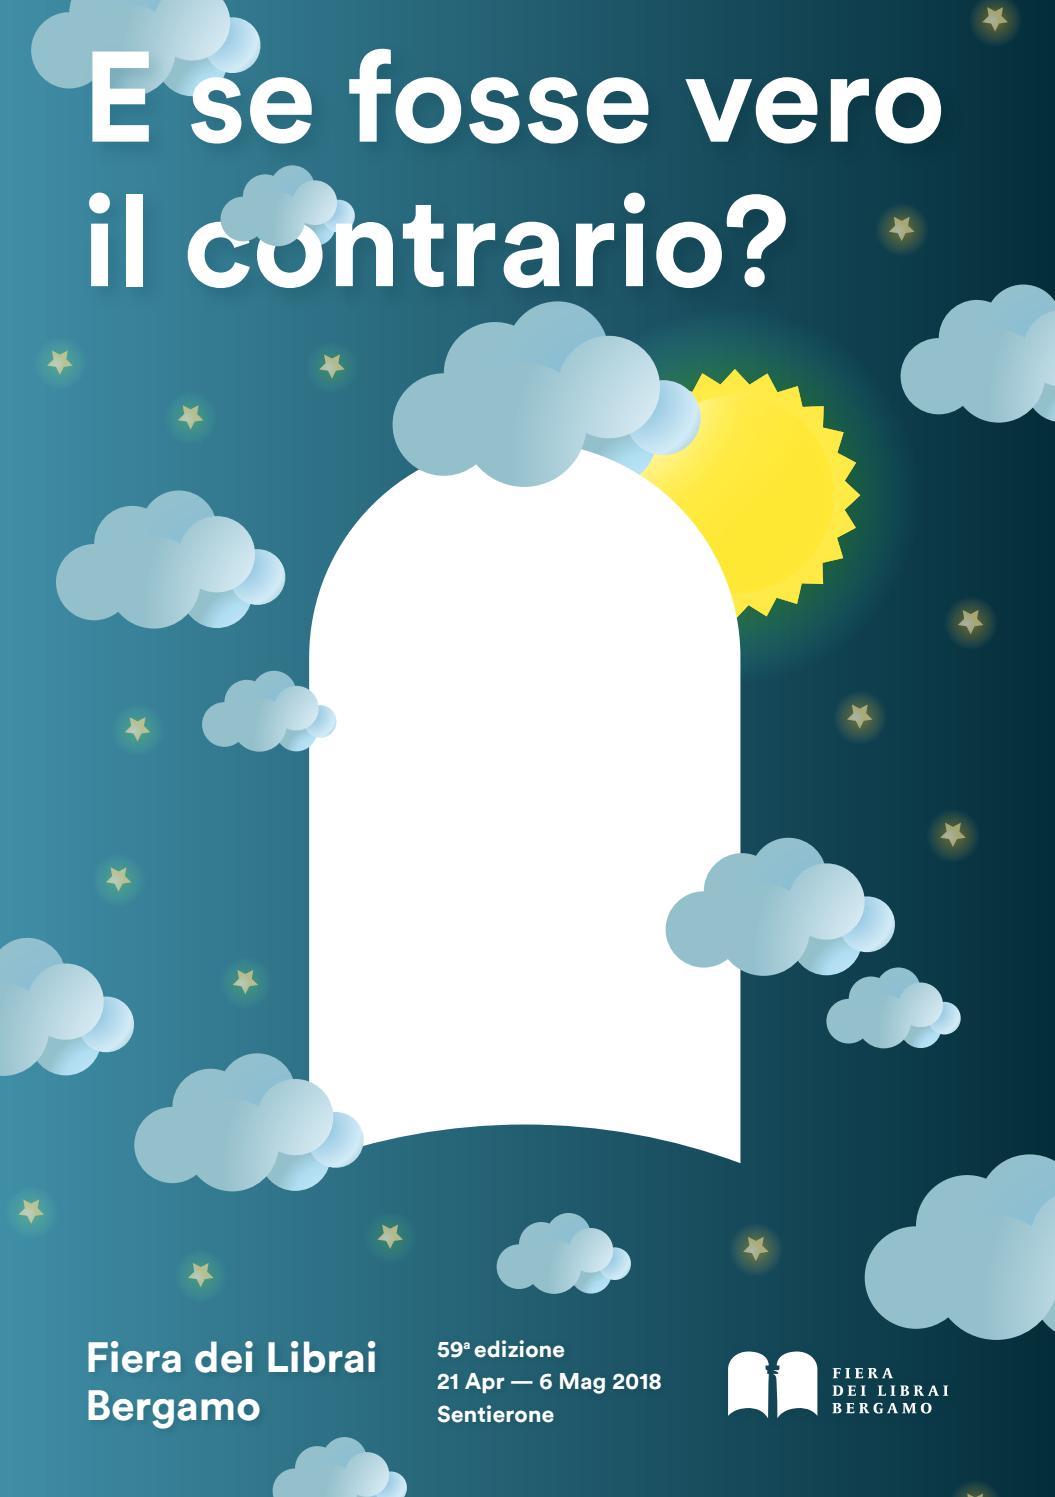 Programma della Fiera dei Librai 2018 by Isaia Invernizzi - issuu 33184a0f5ad